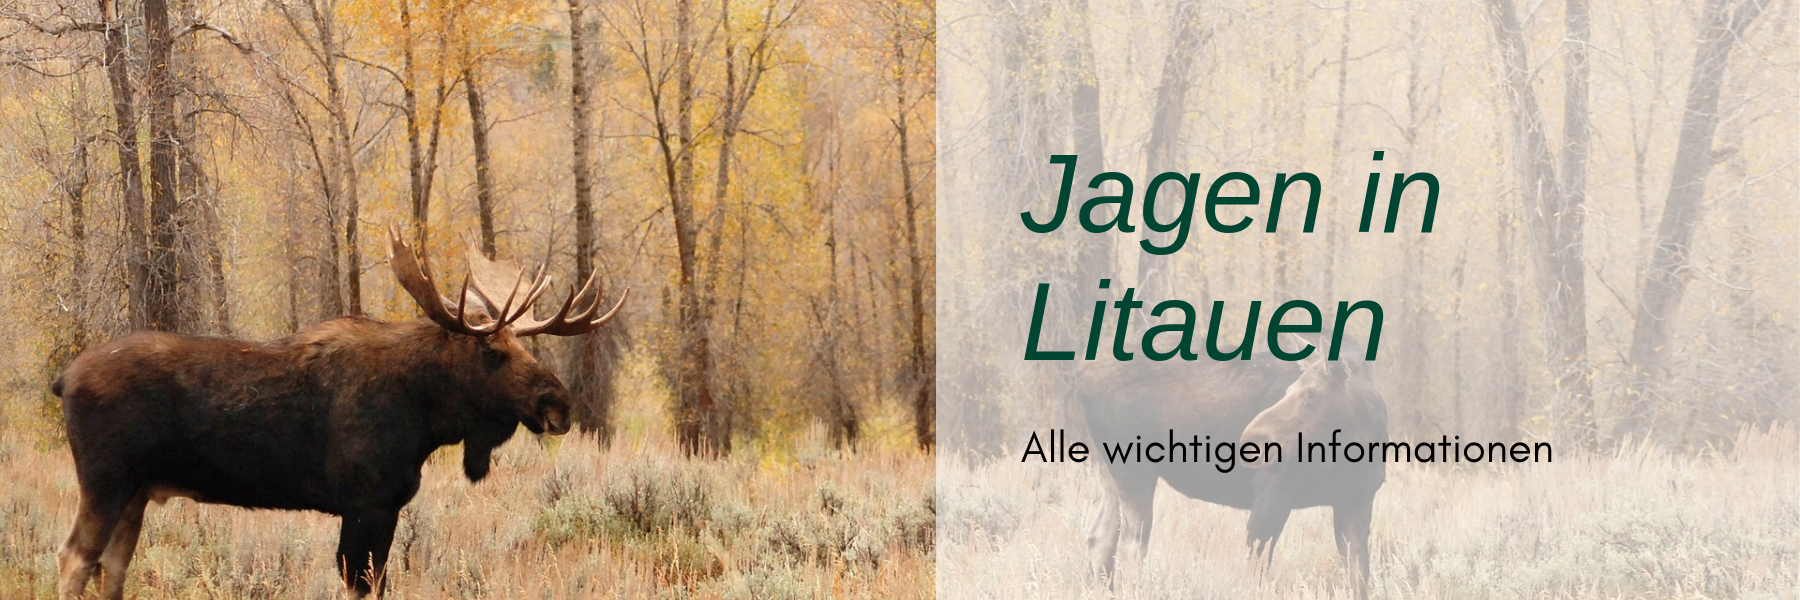 Jagdreise Litauen